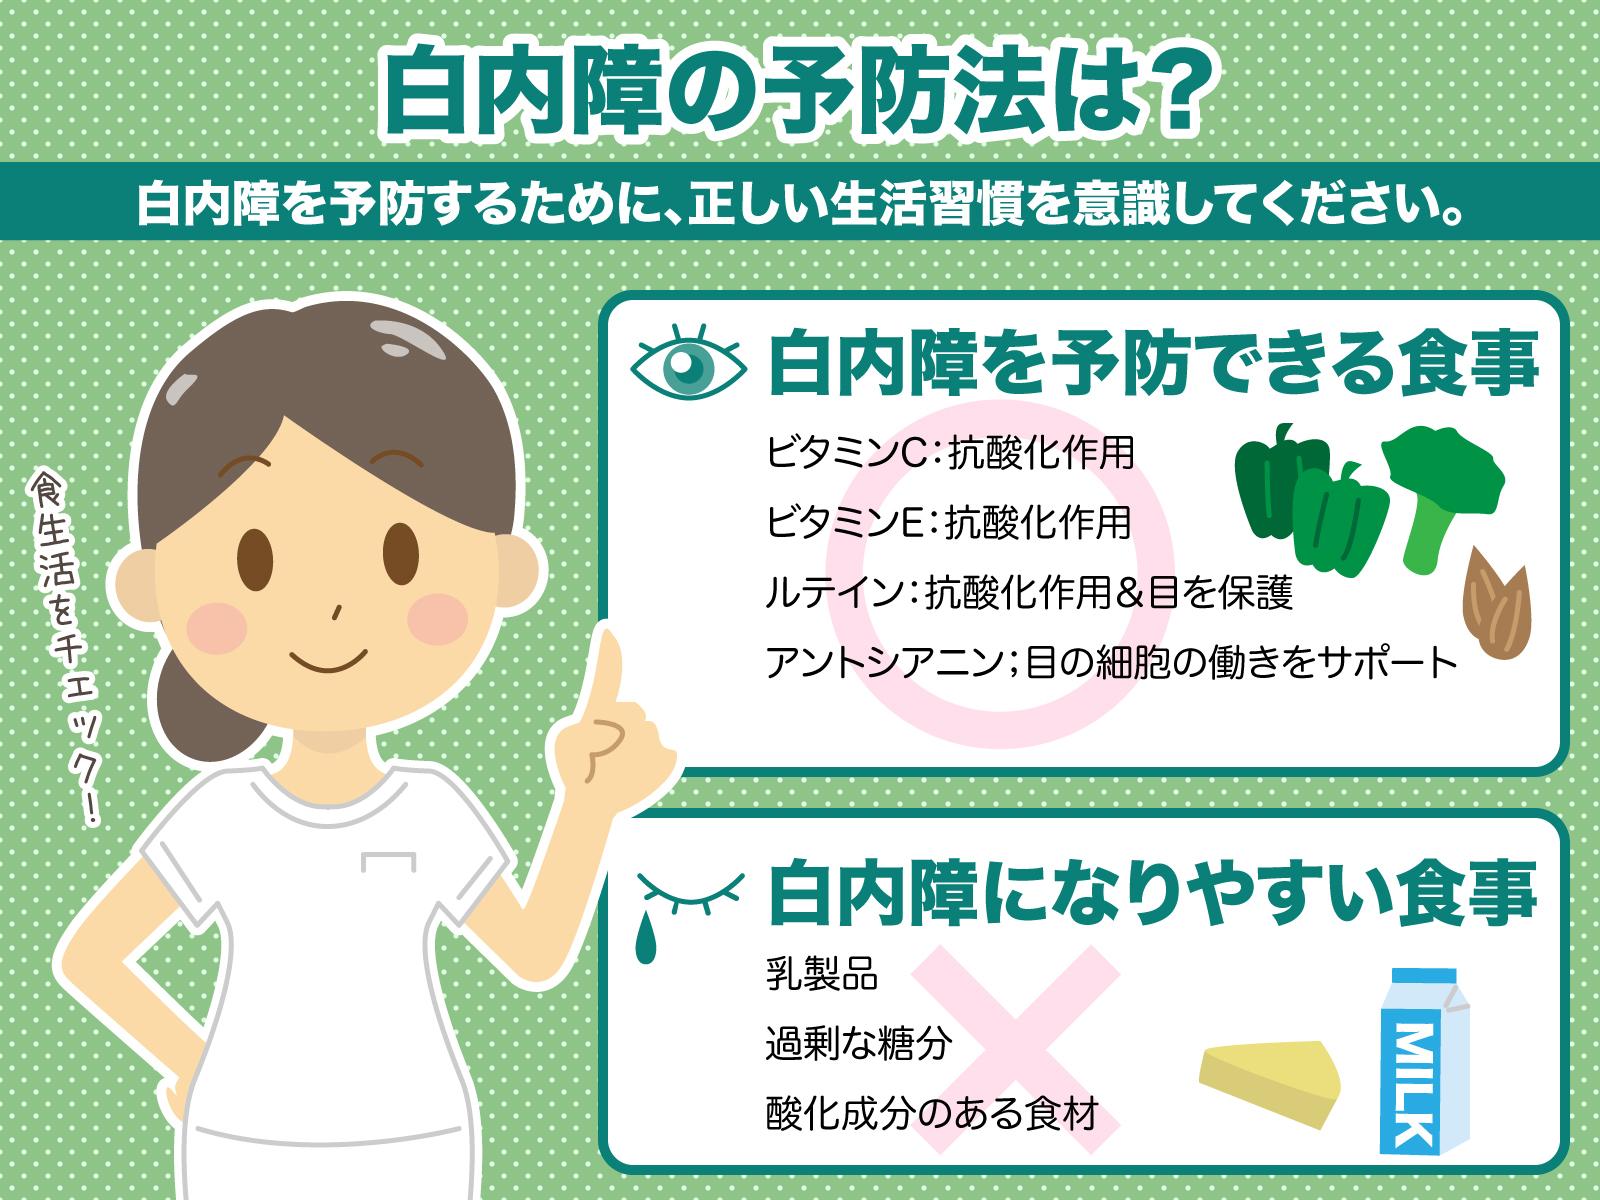 白内障の予防法